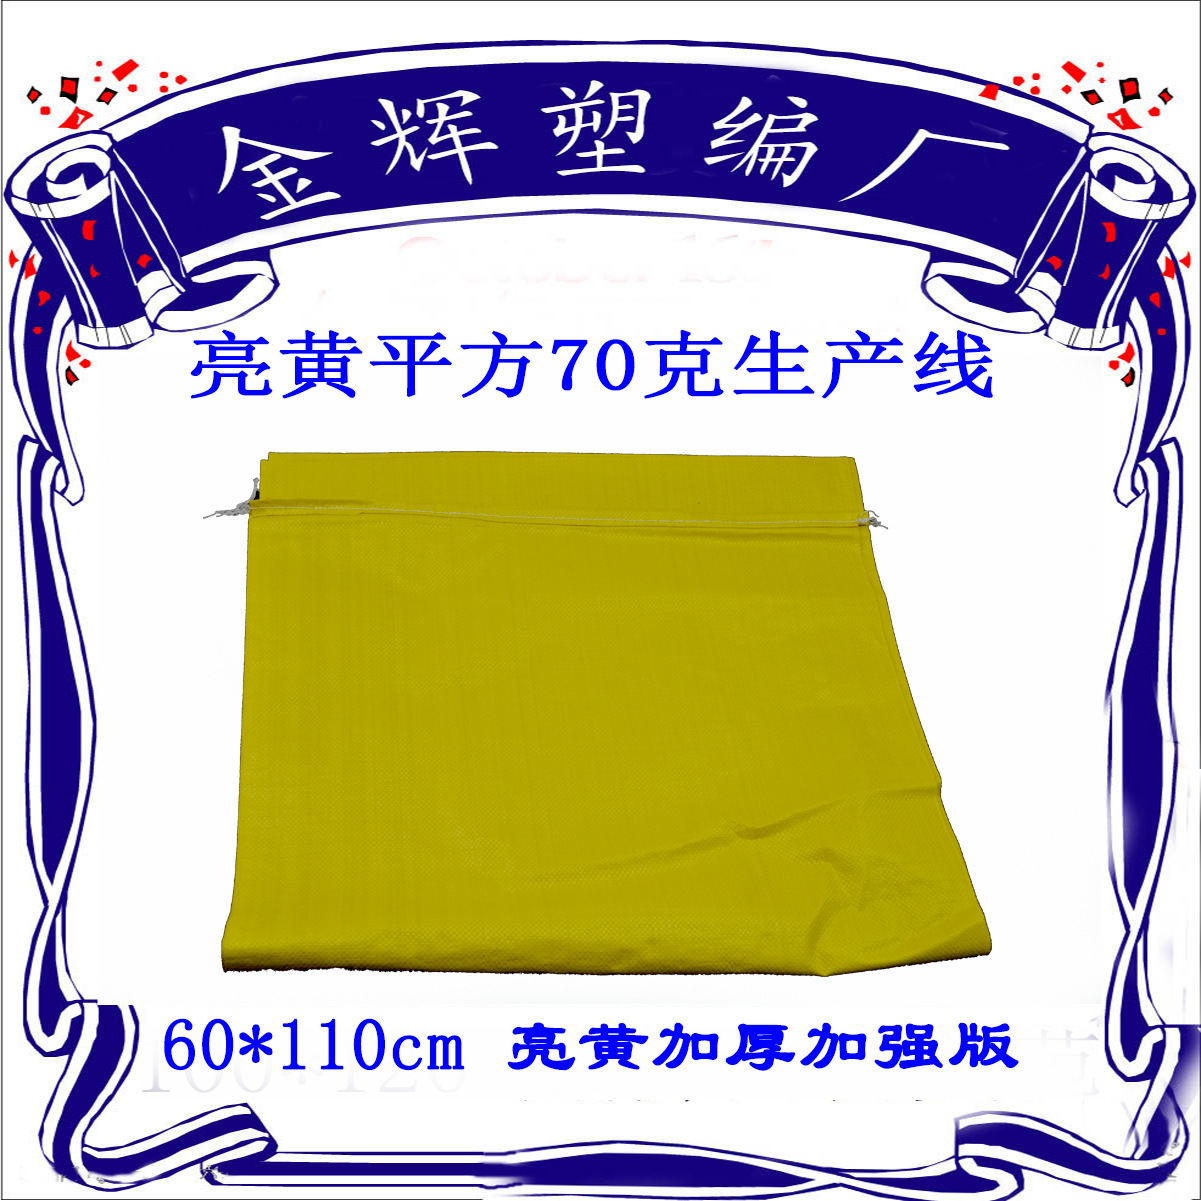 糧食袋  裝糧食編織袋  糧食袋子  黃色編織袋加厚糧食袋60110全新飼料袋厚款板栗糧食打包袋編織袋